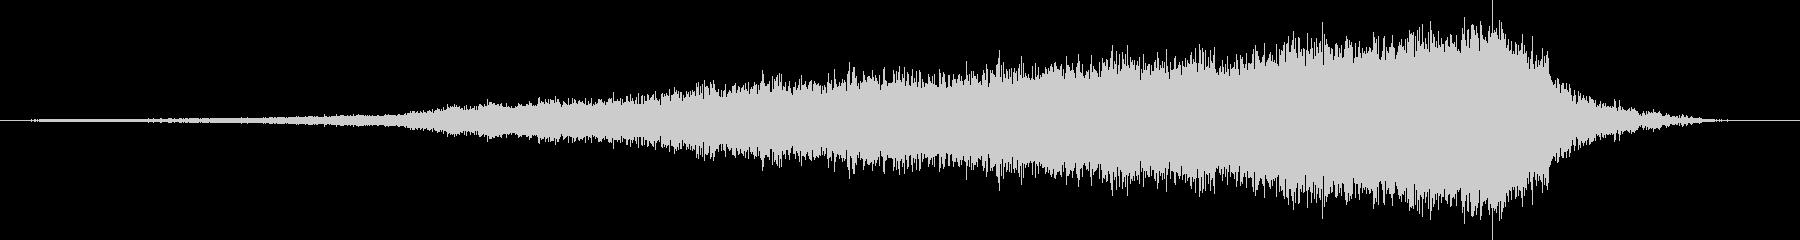 【ライザー】08 エピックサウンド 壮大の未再生の波形